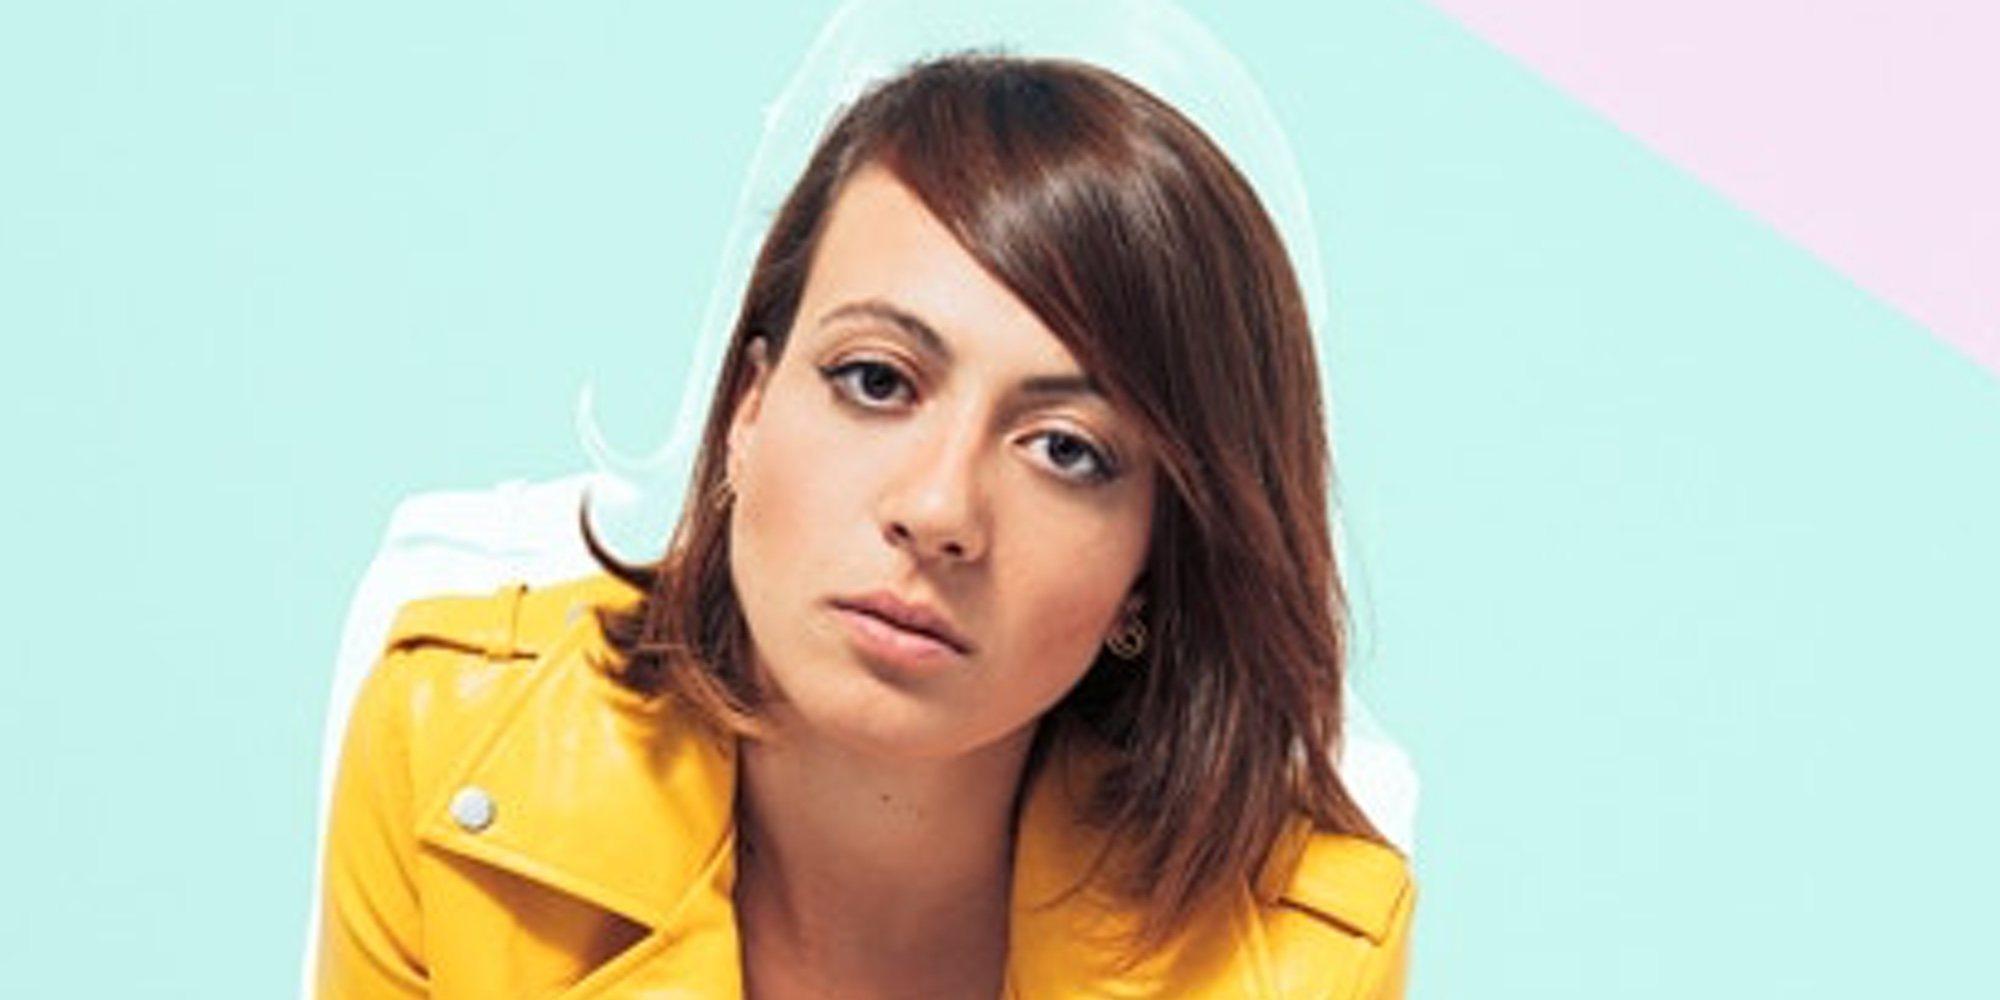 """María Villalón: """"Me encantaría participar en 'Paquita Salas' y 'Supervivientes'"""""""